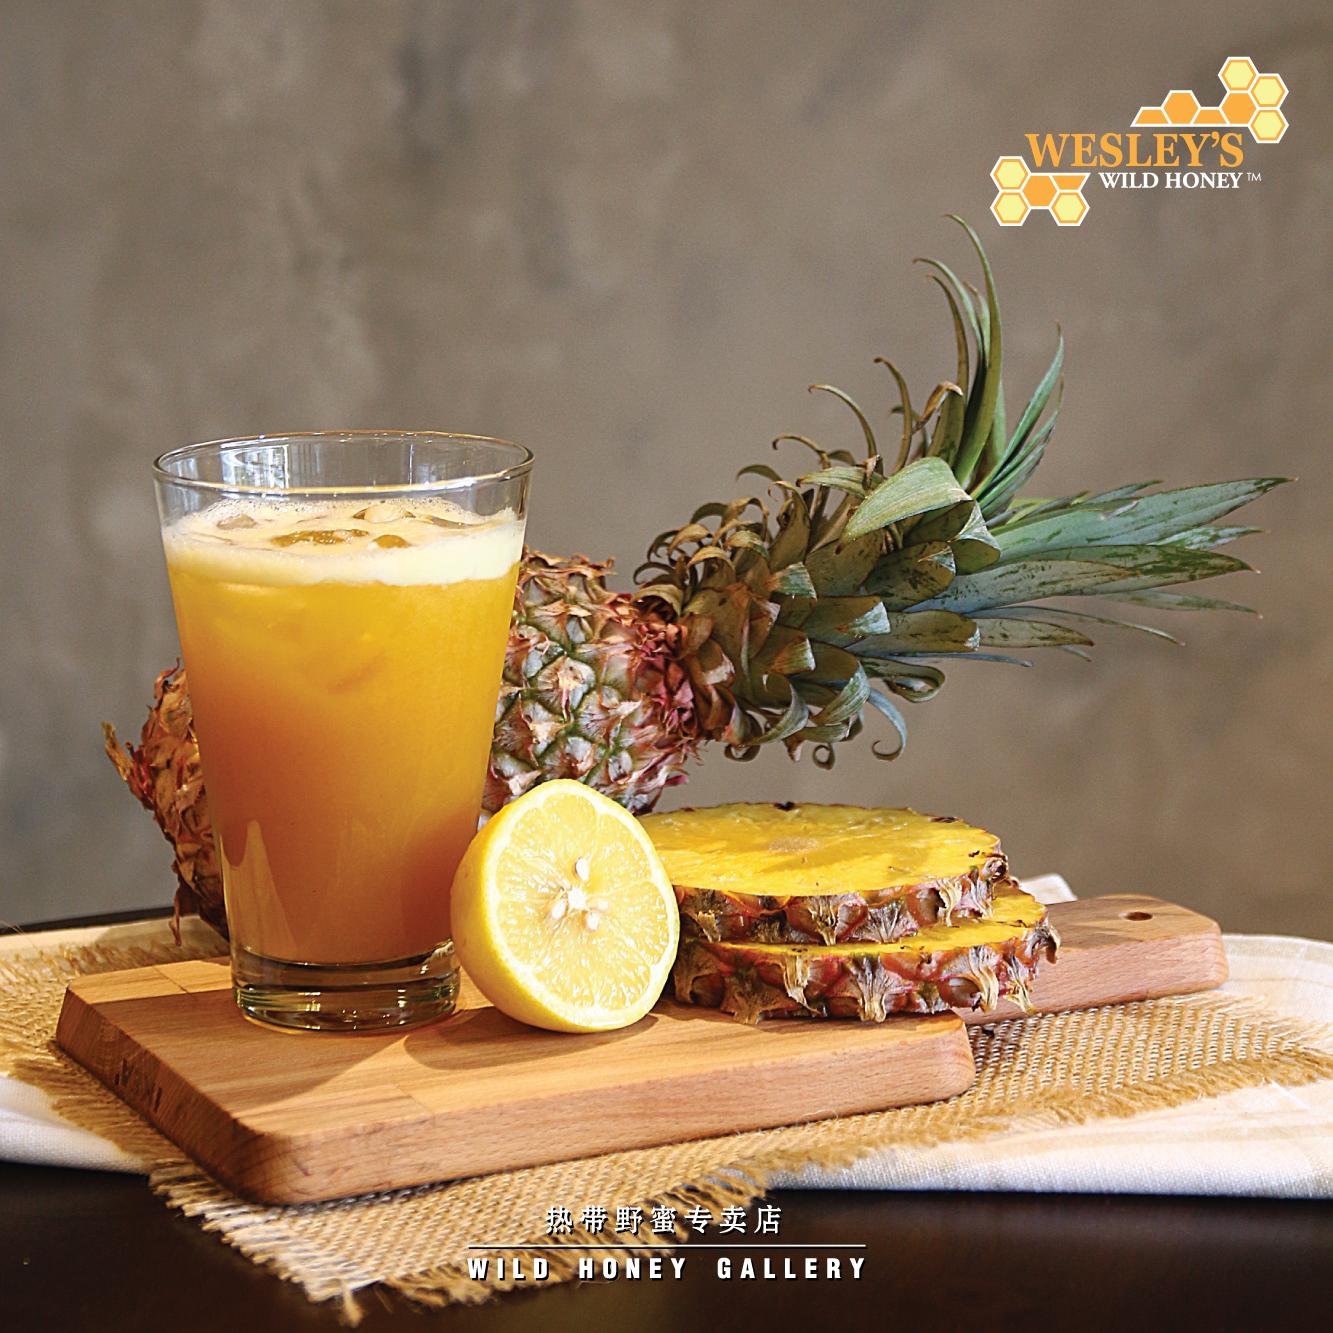 Pineapple Lemon Juice